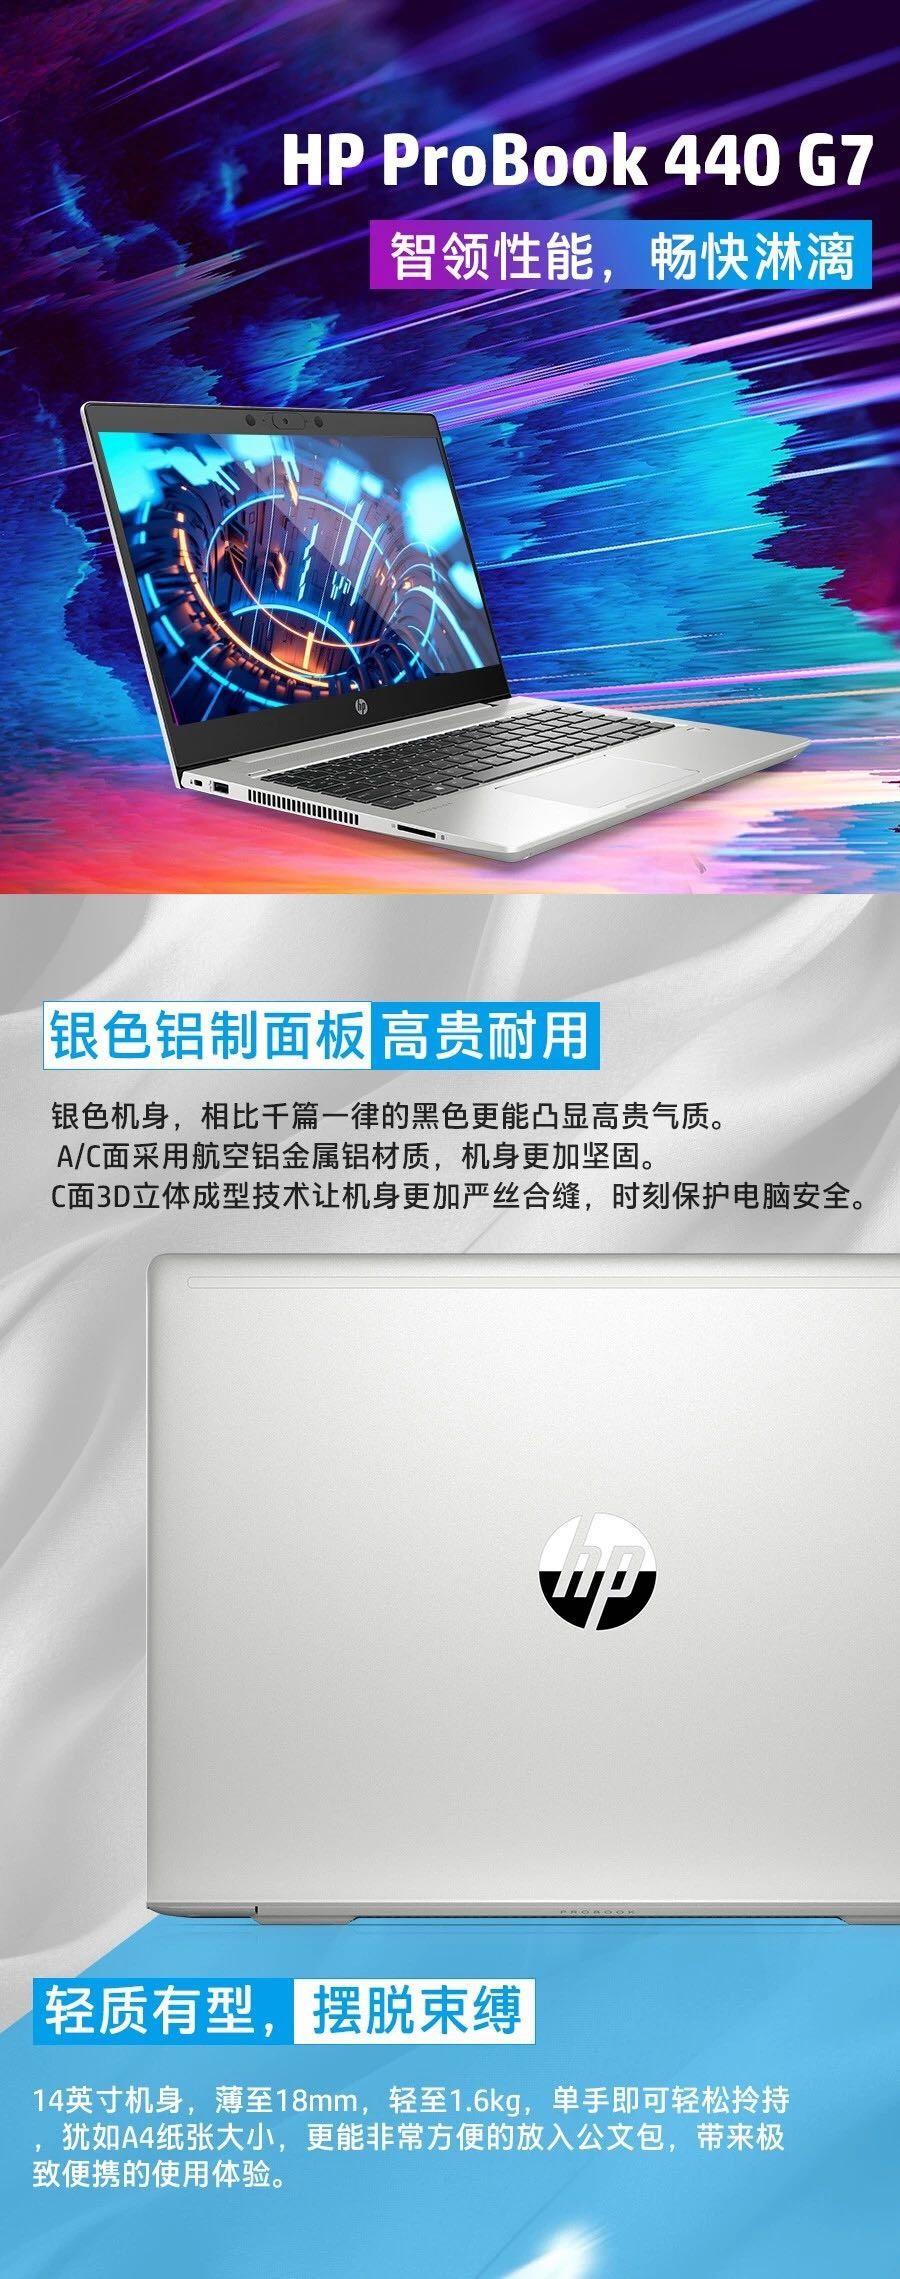 最后一代双硬盘轻薄笔记本,HP440G7  您还在犹豫吗?